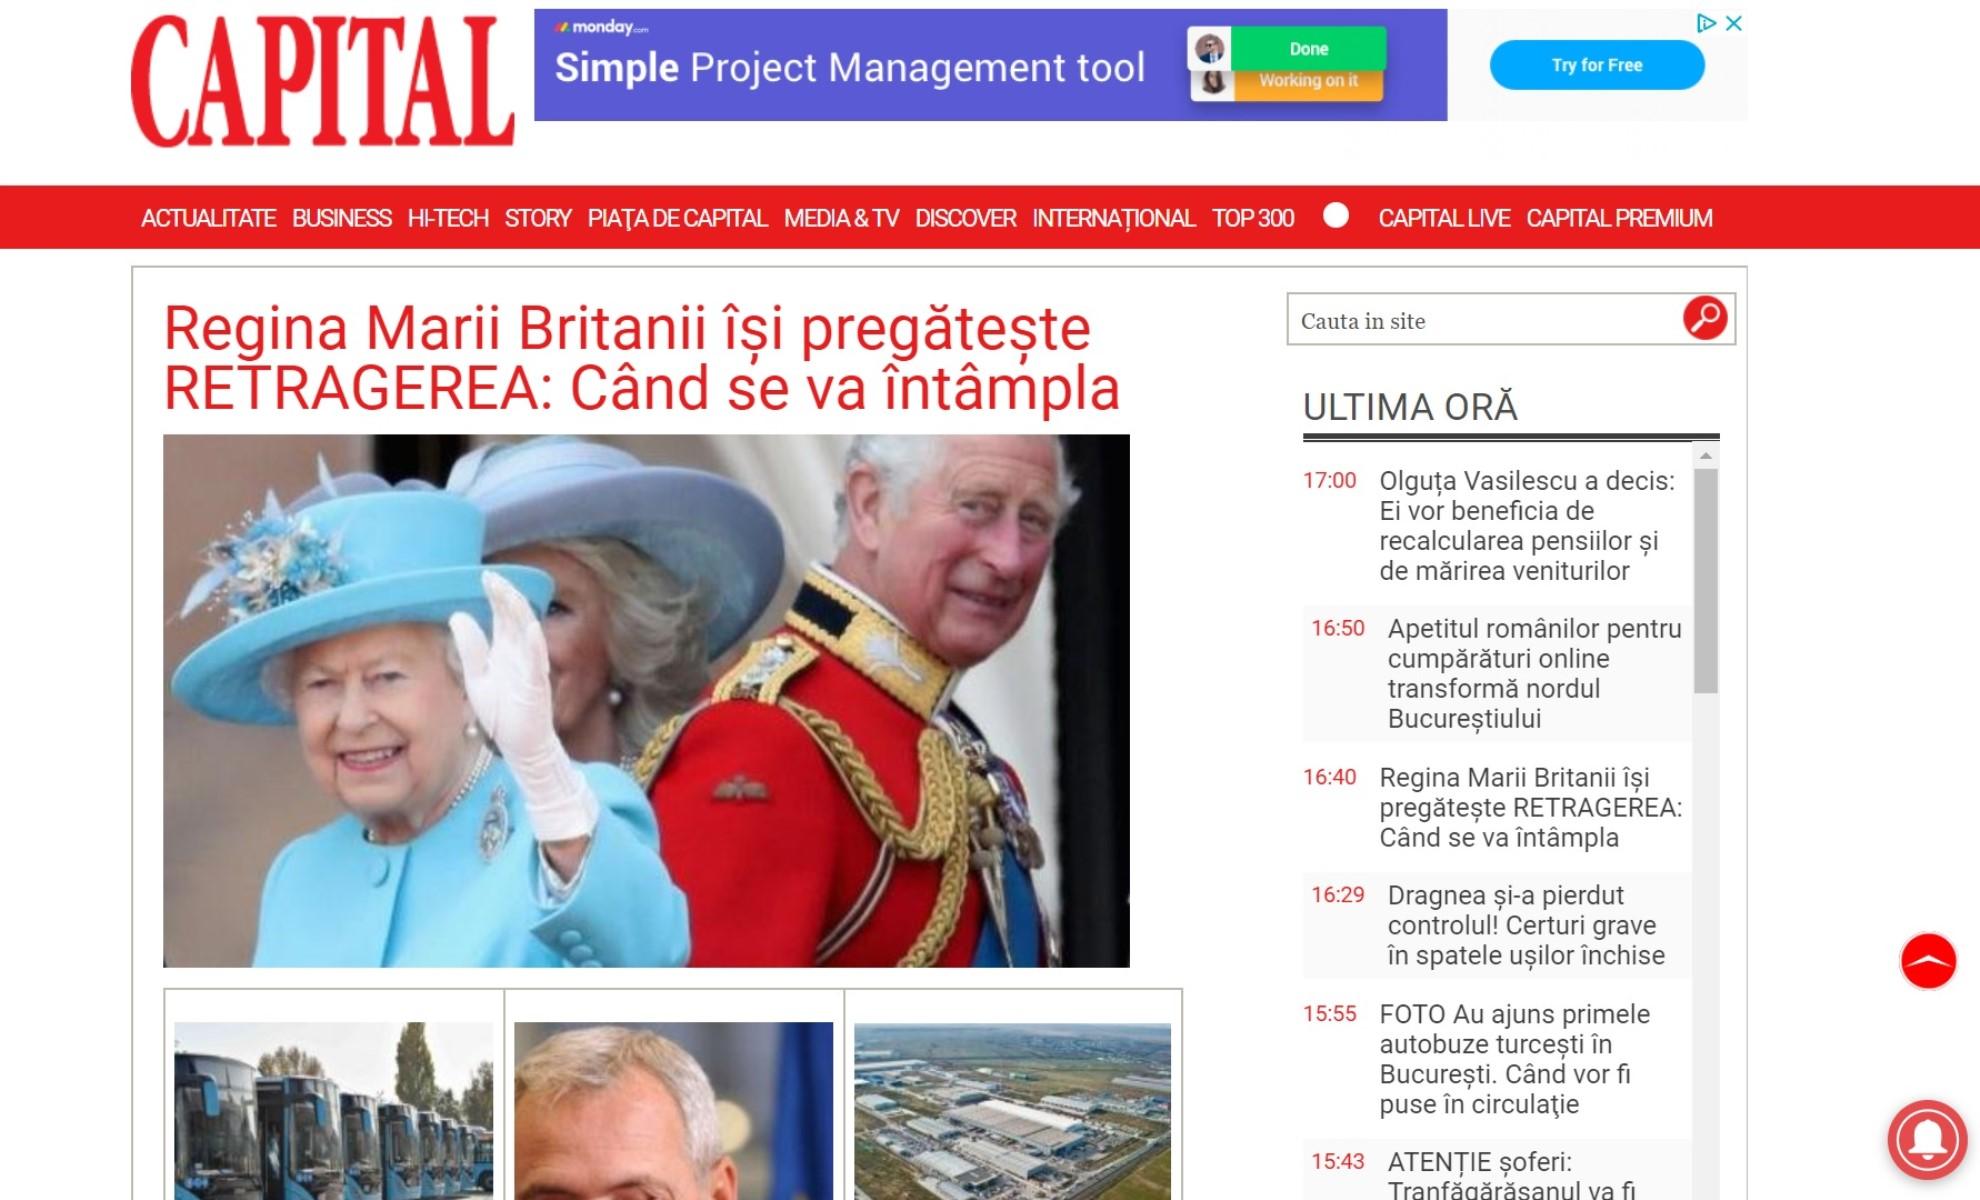 Știri de ultimă oră. ✅ Capital, publicație economică din România cu știri din economie, business, politică și bani. Știri internaționale din ziare, vremea la zi și horoscop.